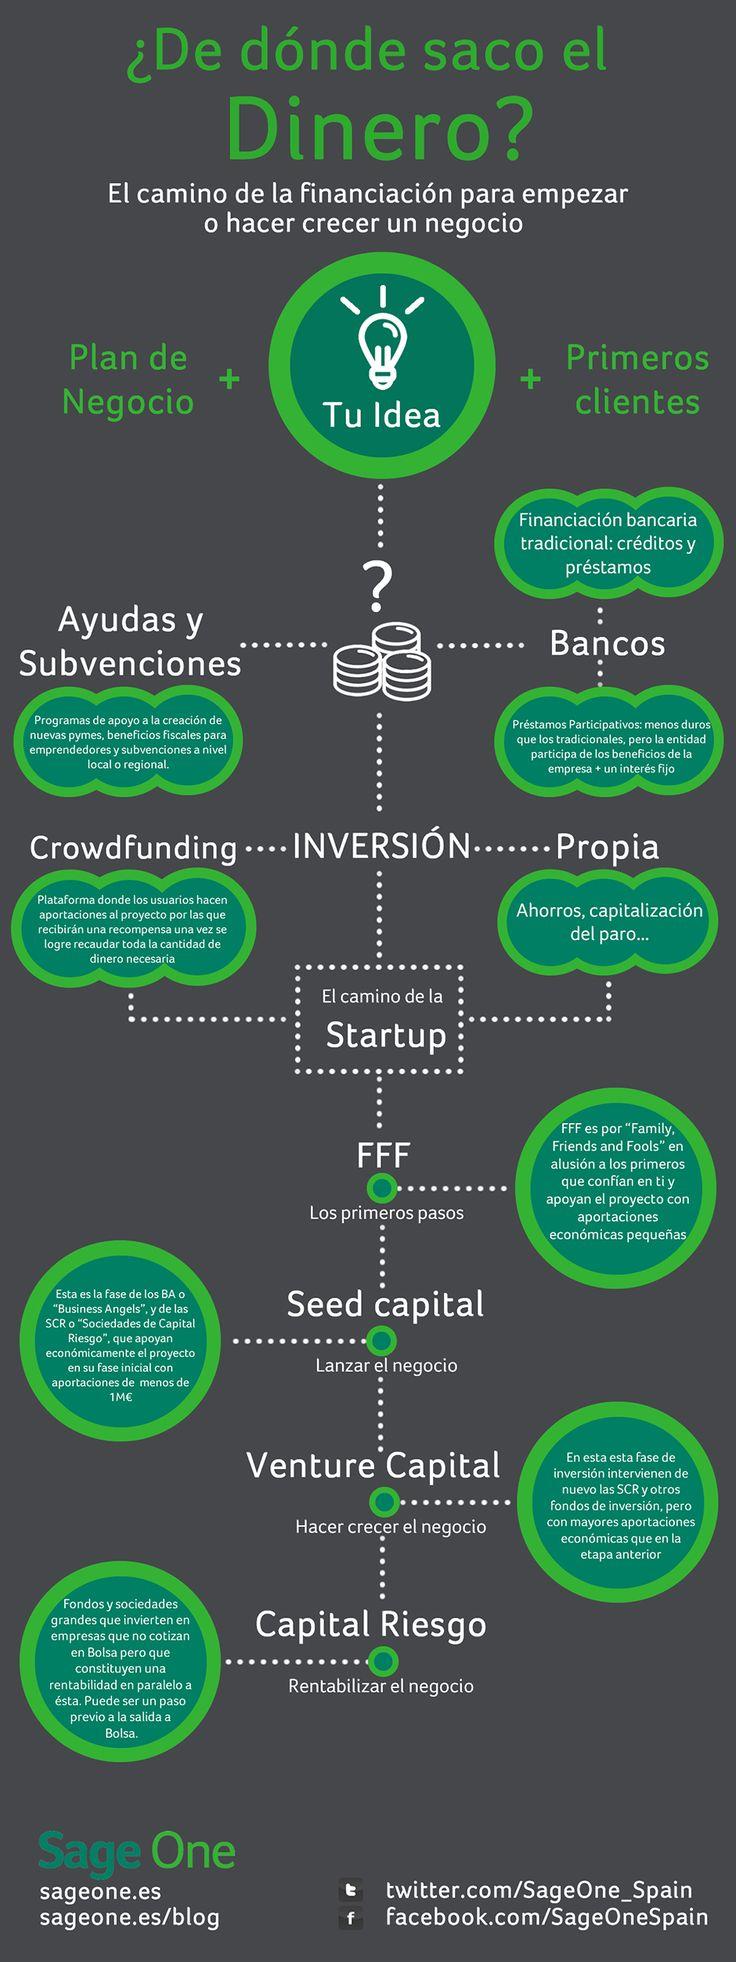 ¿Dónde encuentra dinero un emprendedor? #infografia #dinero #emprendedor